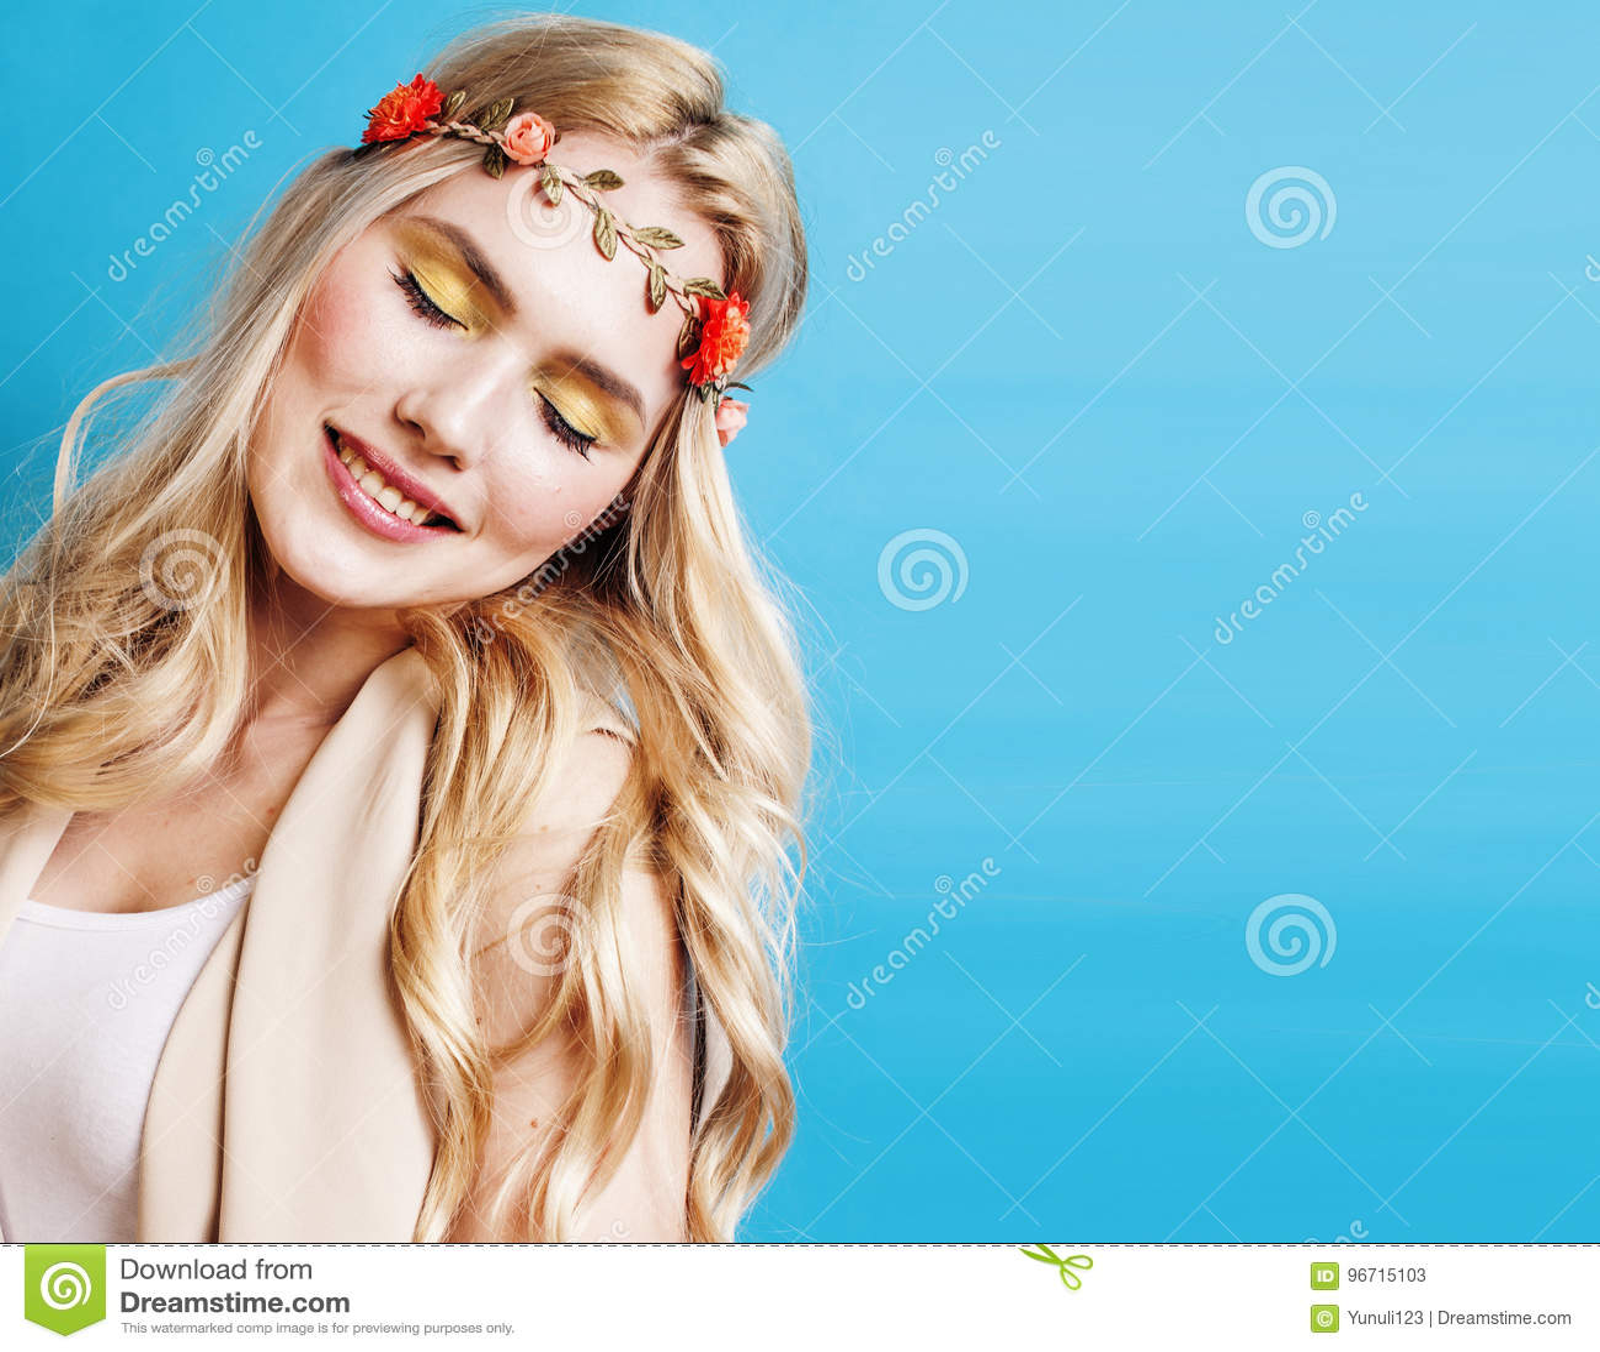 Blondes Mädchen der Junge recht mit dem gelockten blonden Haar und wenig senkt das glückliche Lächeln auf Hintergrund des blauen